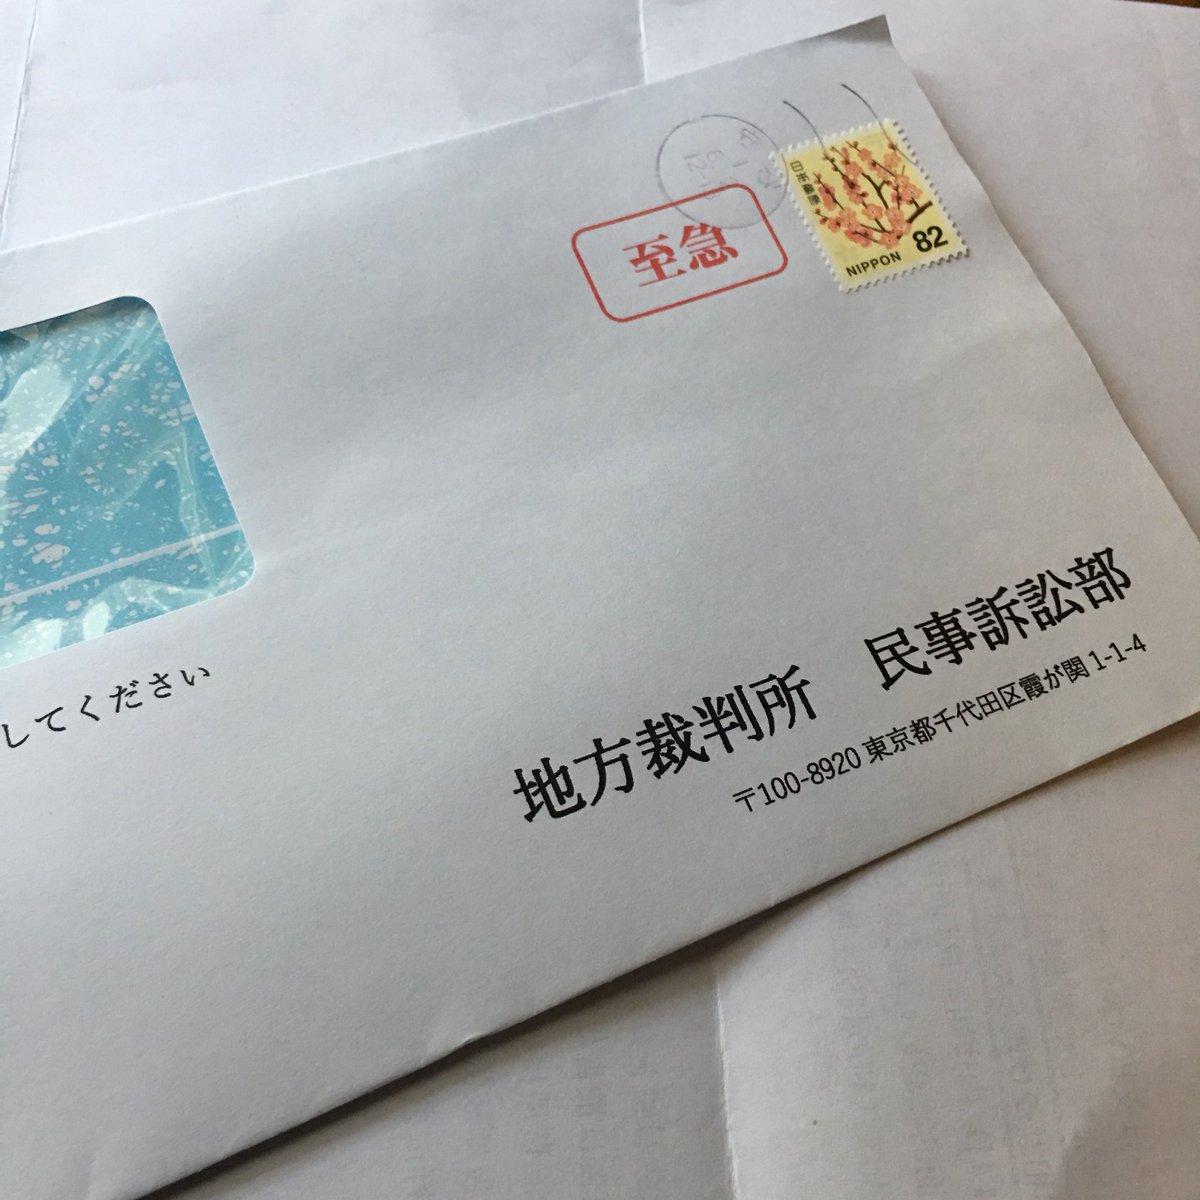 【拡散希望】普通郵便の時点で詐欺!地方裁判所民事訴訟部からの訴訟の告知の封筒が来たら注意してください!